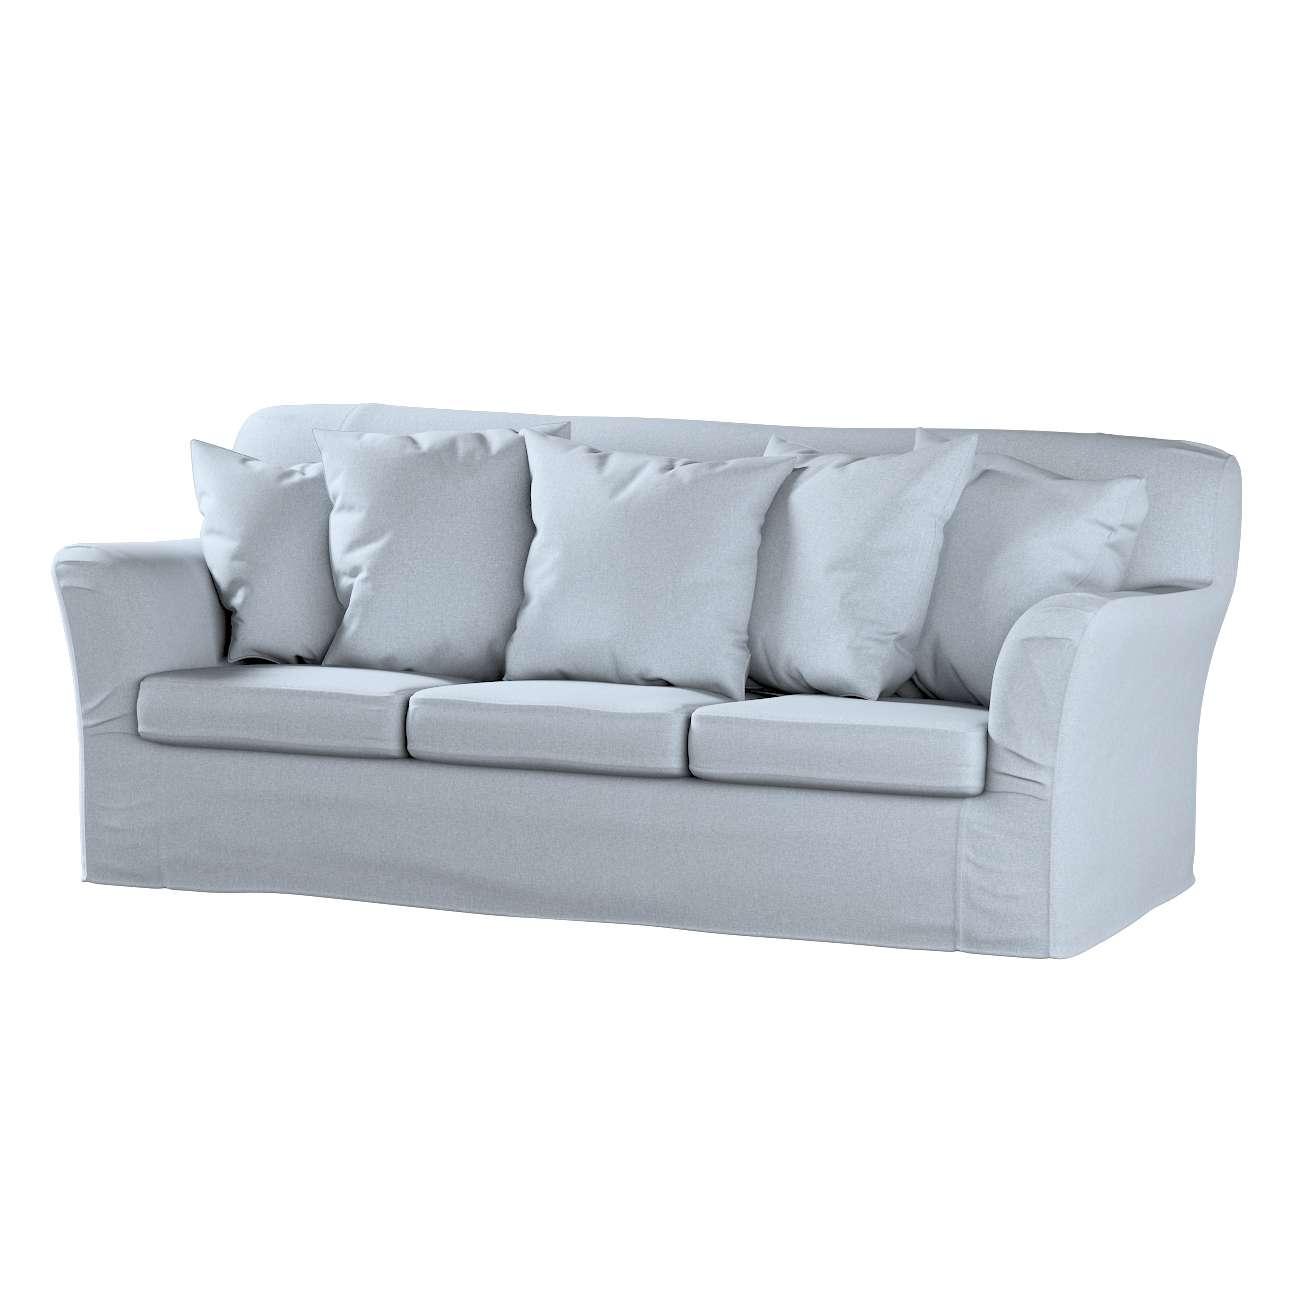 Pokrowiec na sofę Tomelilla 3-osobową nierozkładaną w kolekcji Amsterdam, tkanina: 704-46